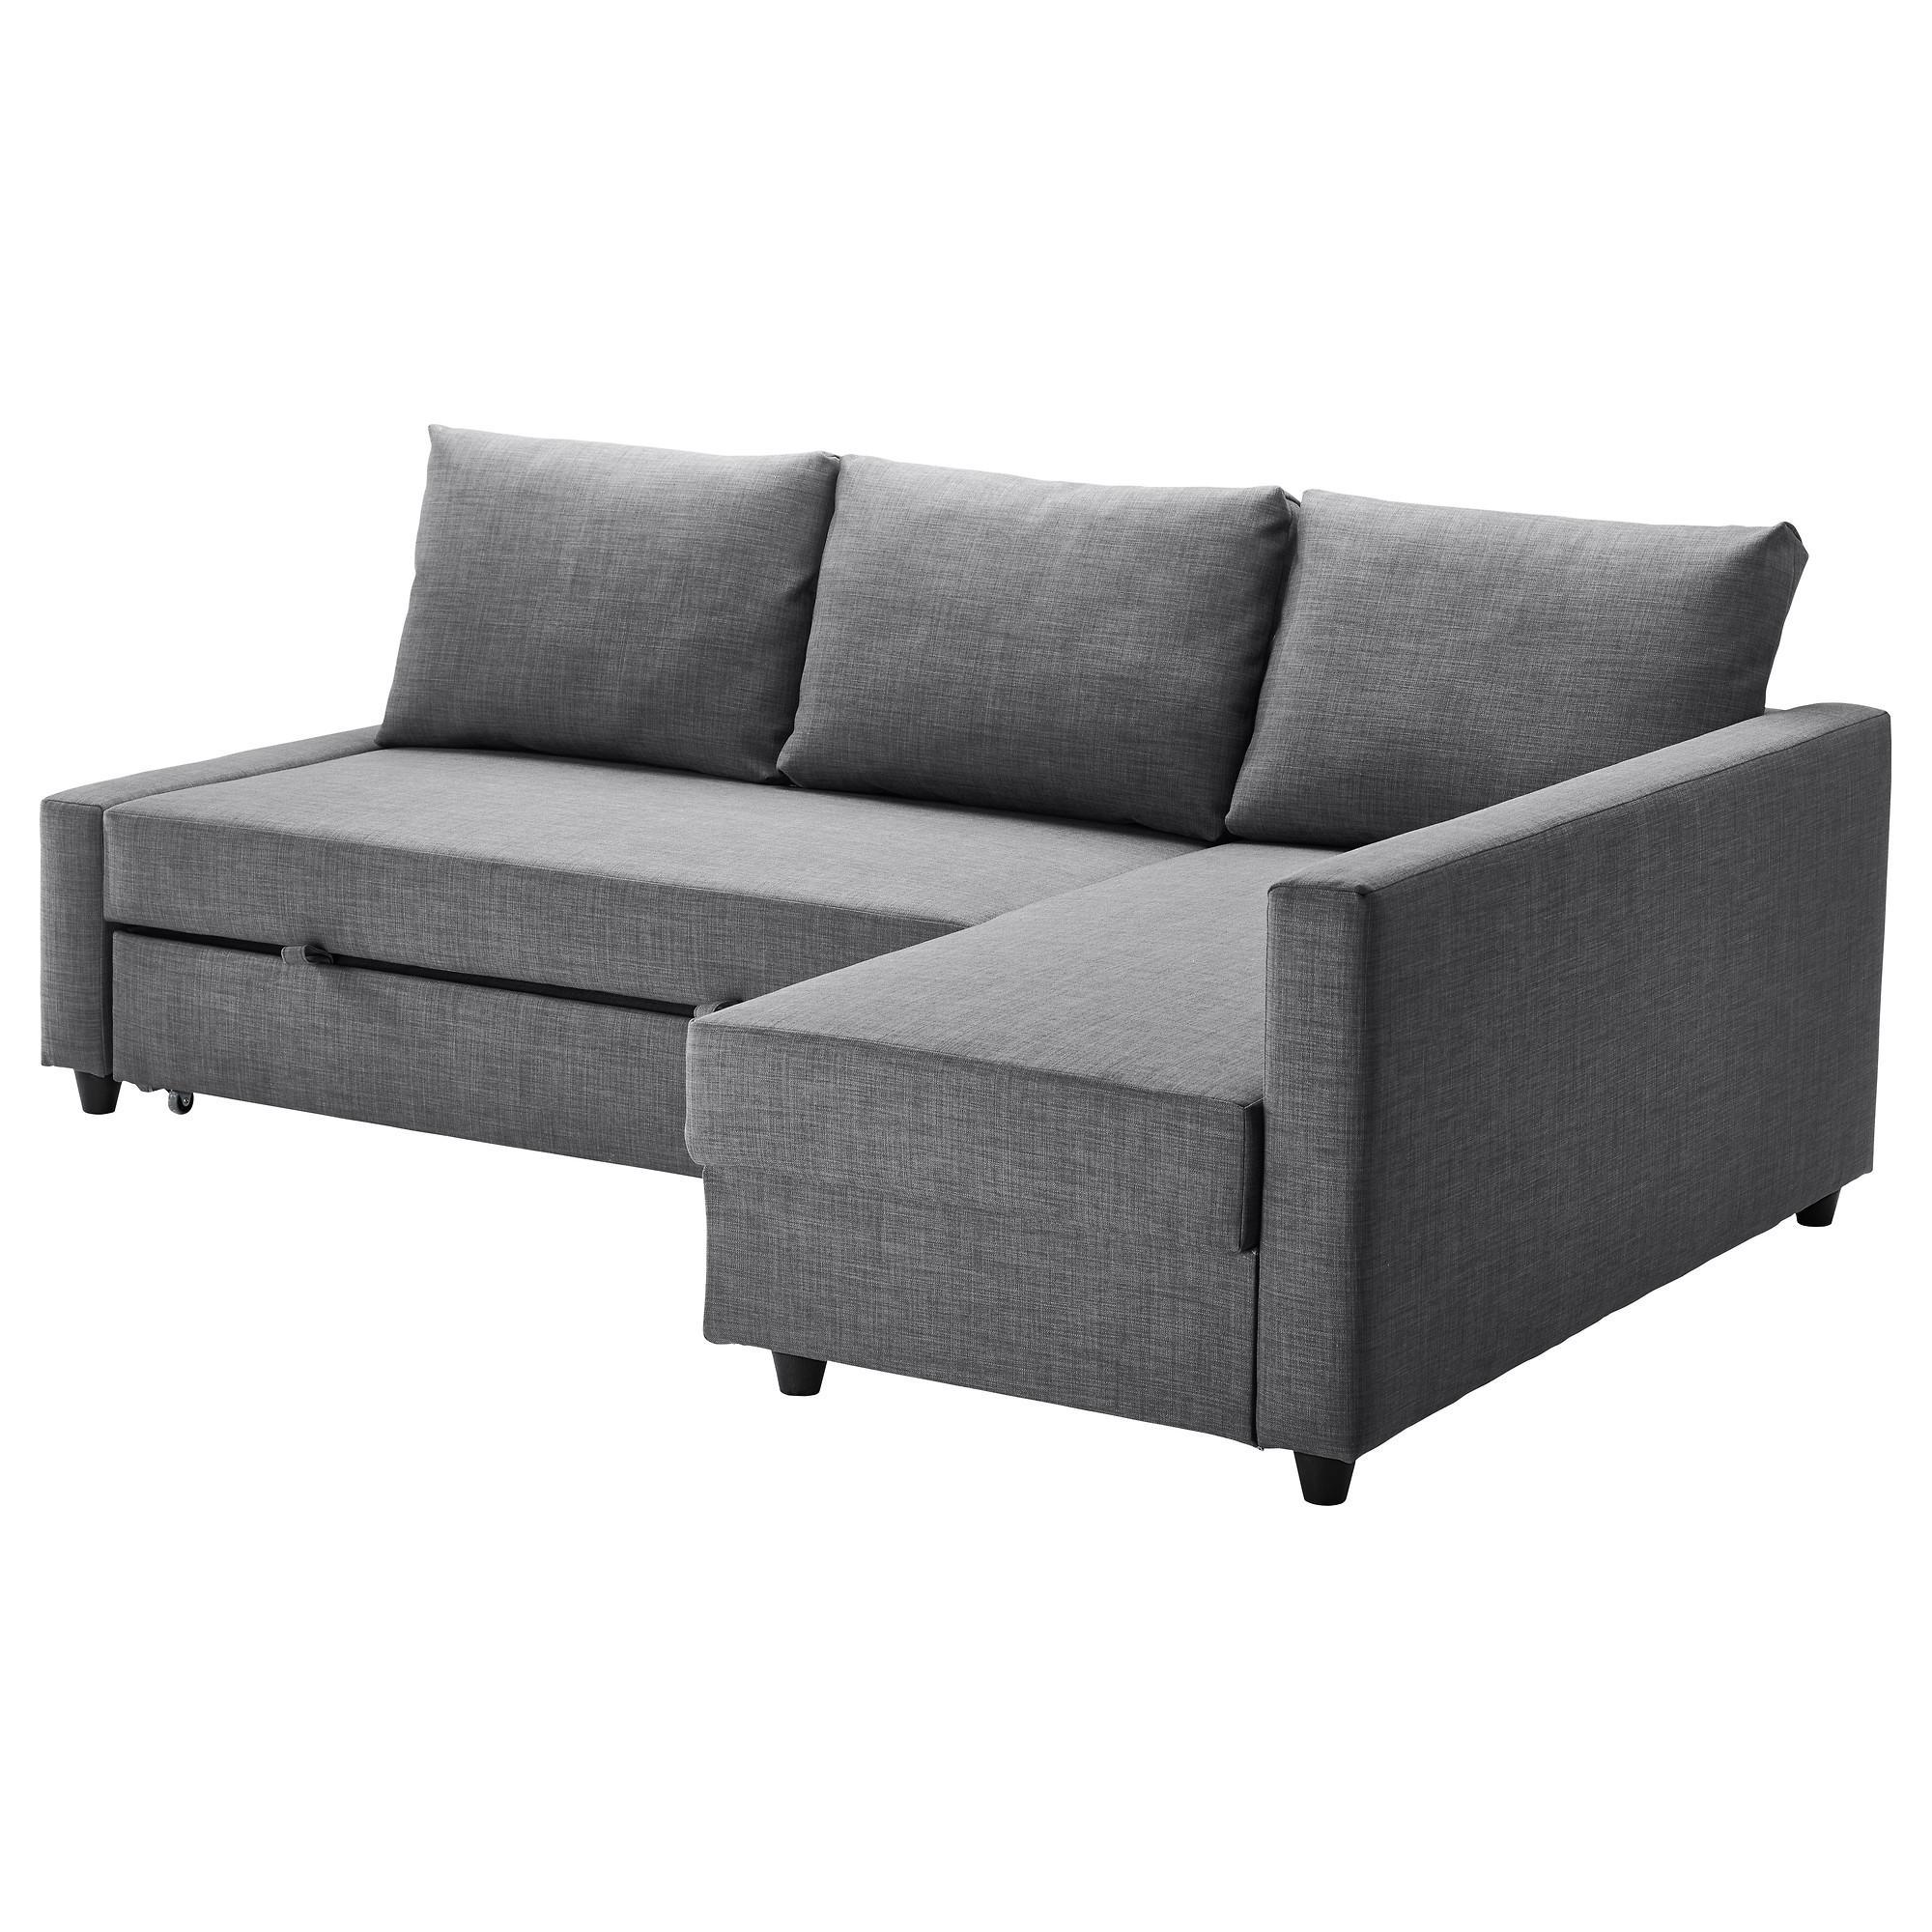 Friheten Corner Sofa Bed With Storage Skiftebo Dark Grey – Ikea Inside Corner Sofa Bed With Storage Ikea (View 3 of 20)